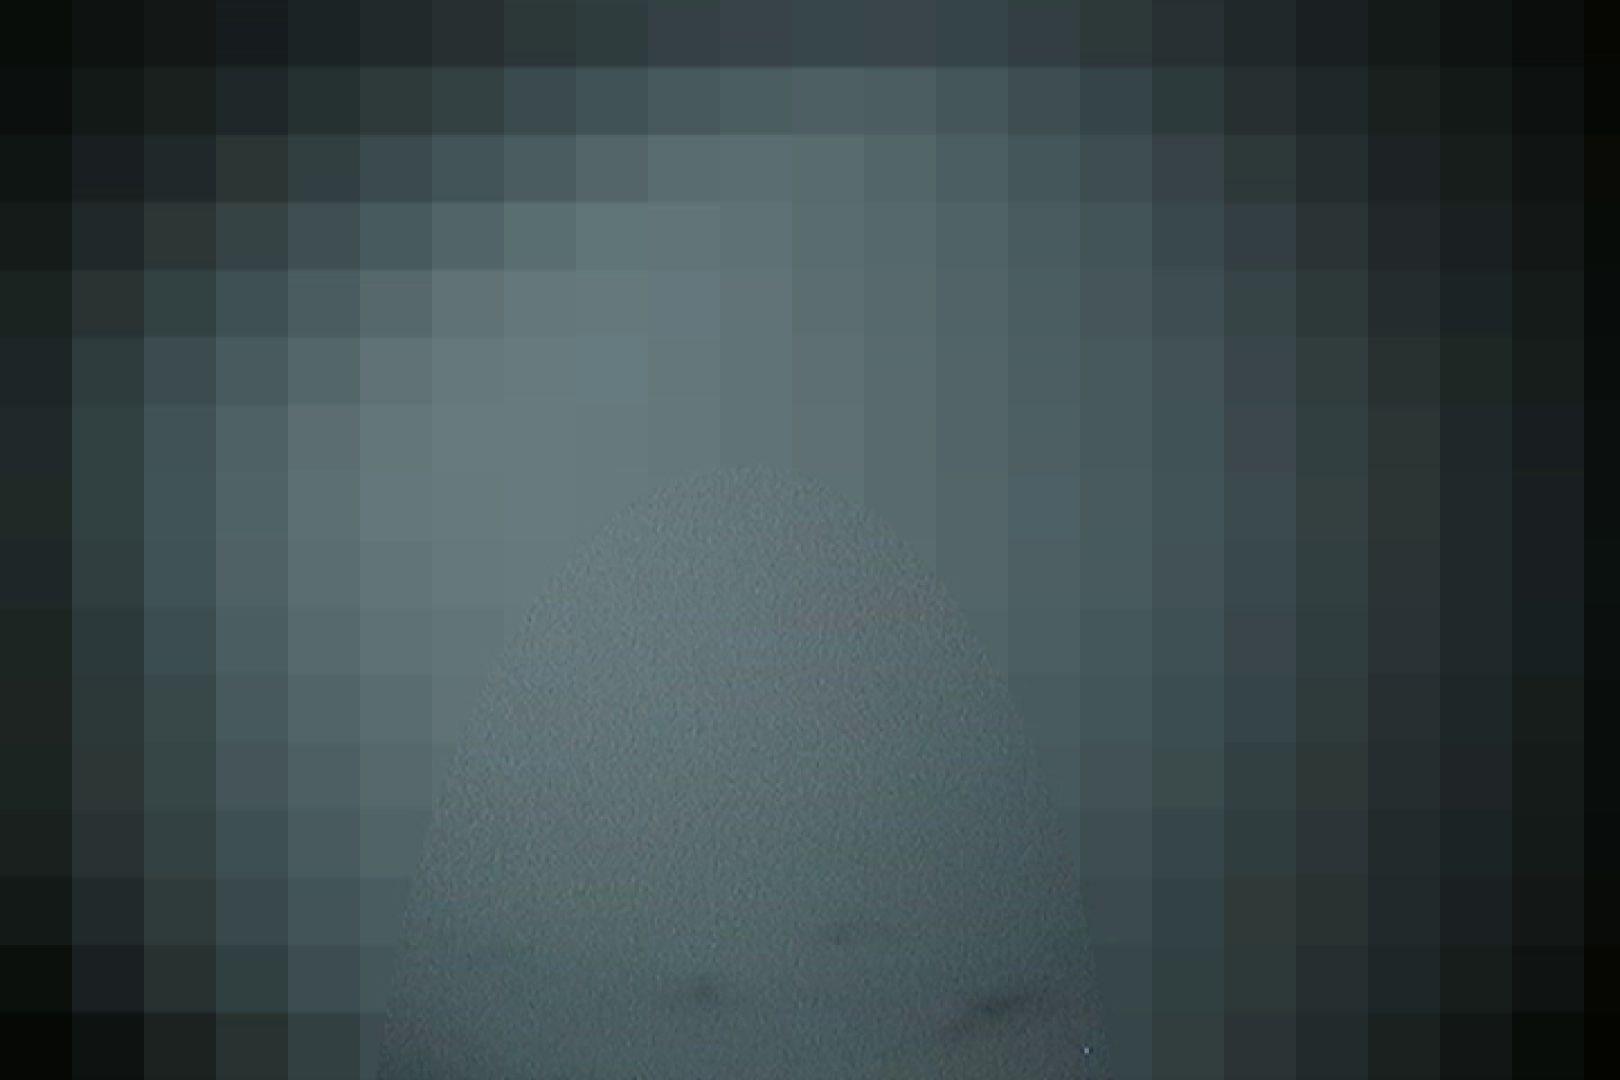 無料アダルト動画:No.61 オッパイの鳥肌まではっきり見えます!:怪盗ジョーカー